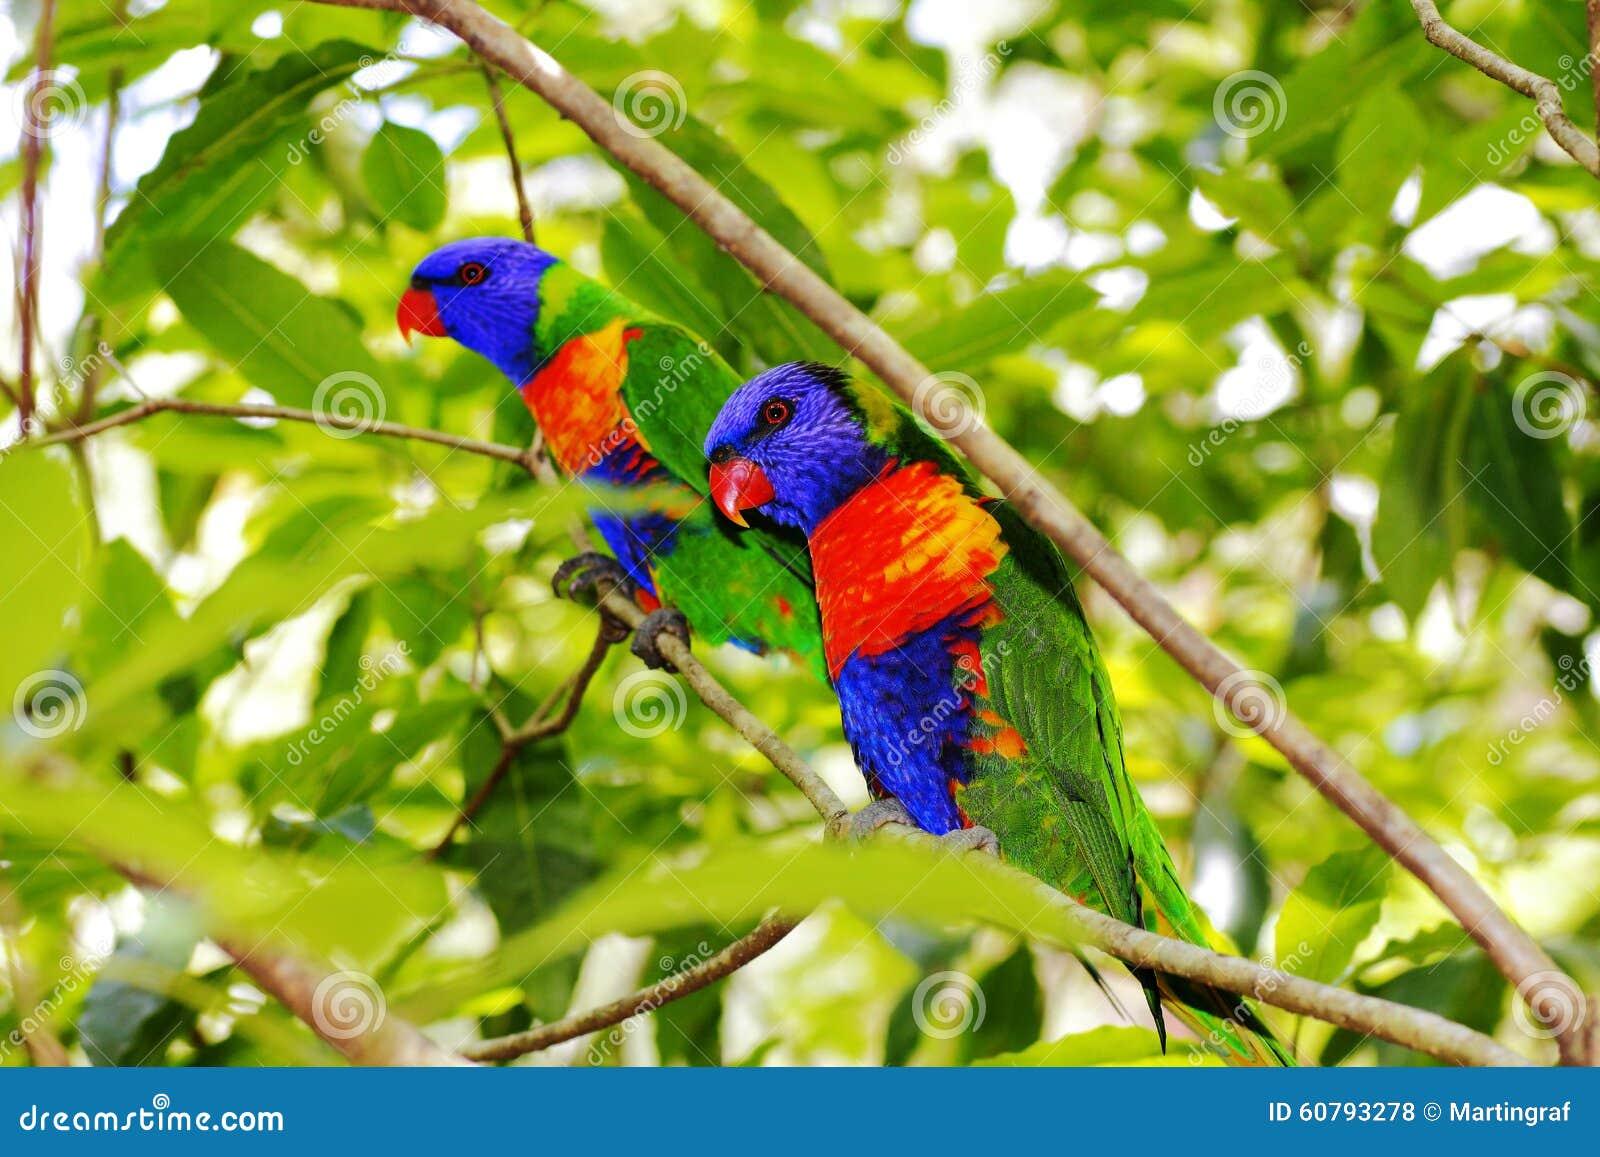 Pássaros coloridos nas folhas verdes